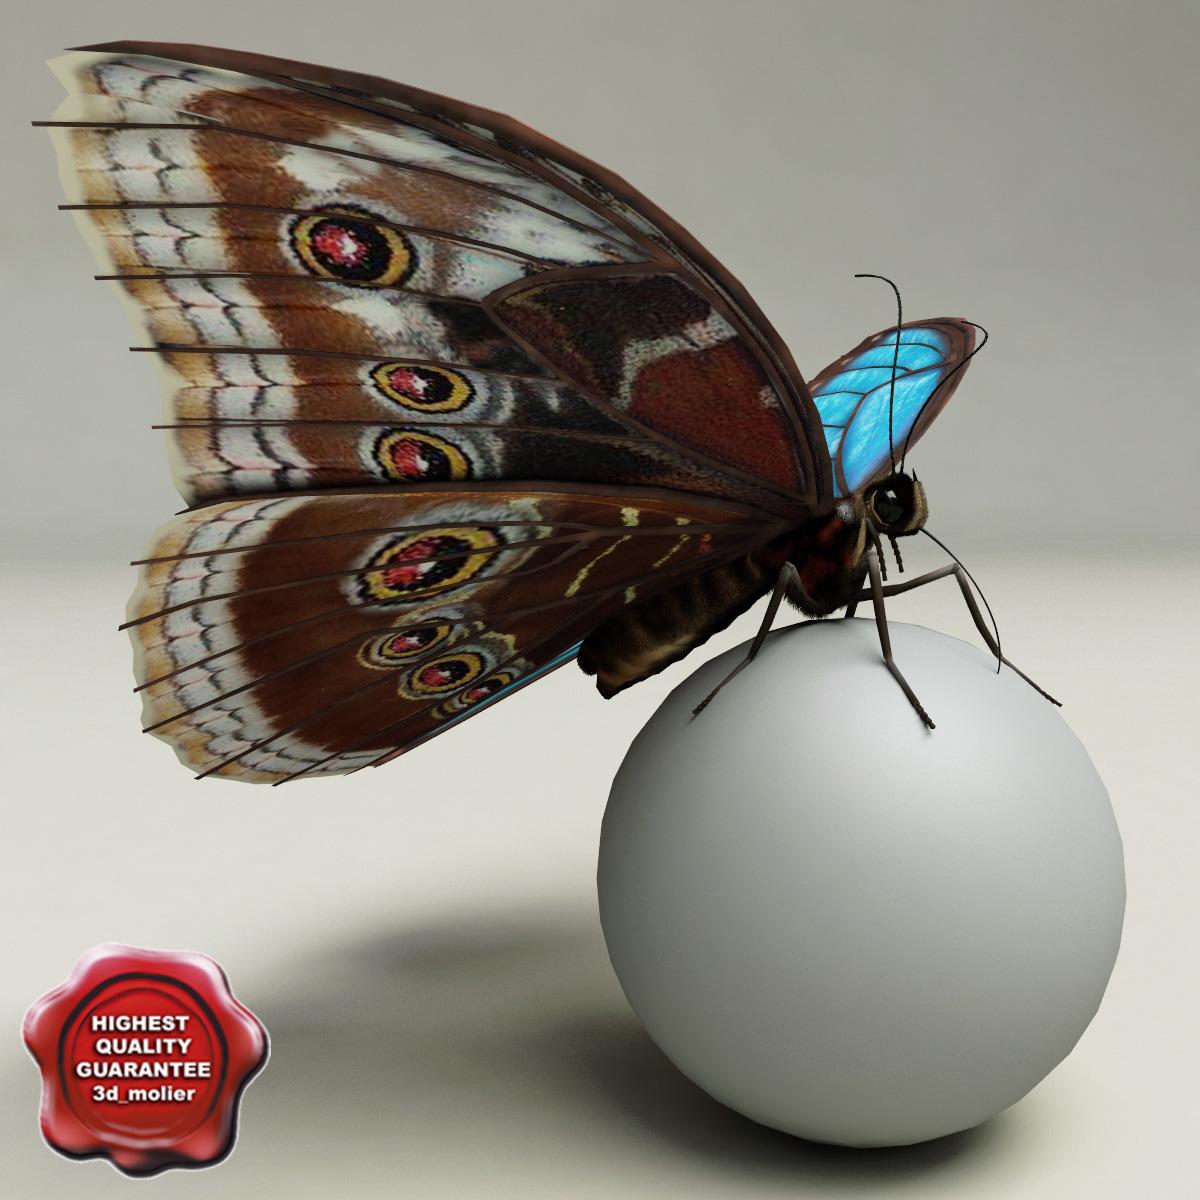 Blue_Morpho_Butterfly_Pose3_00.jpg